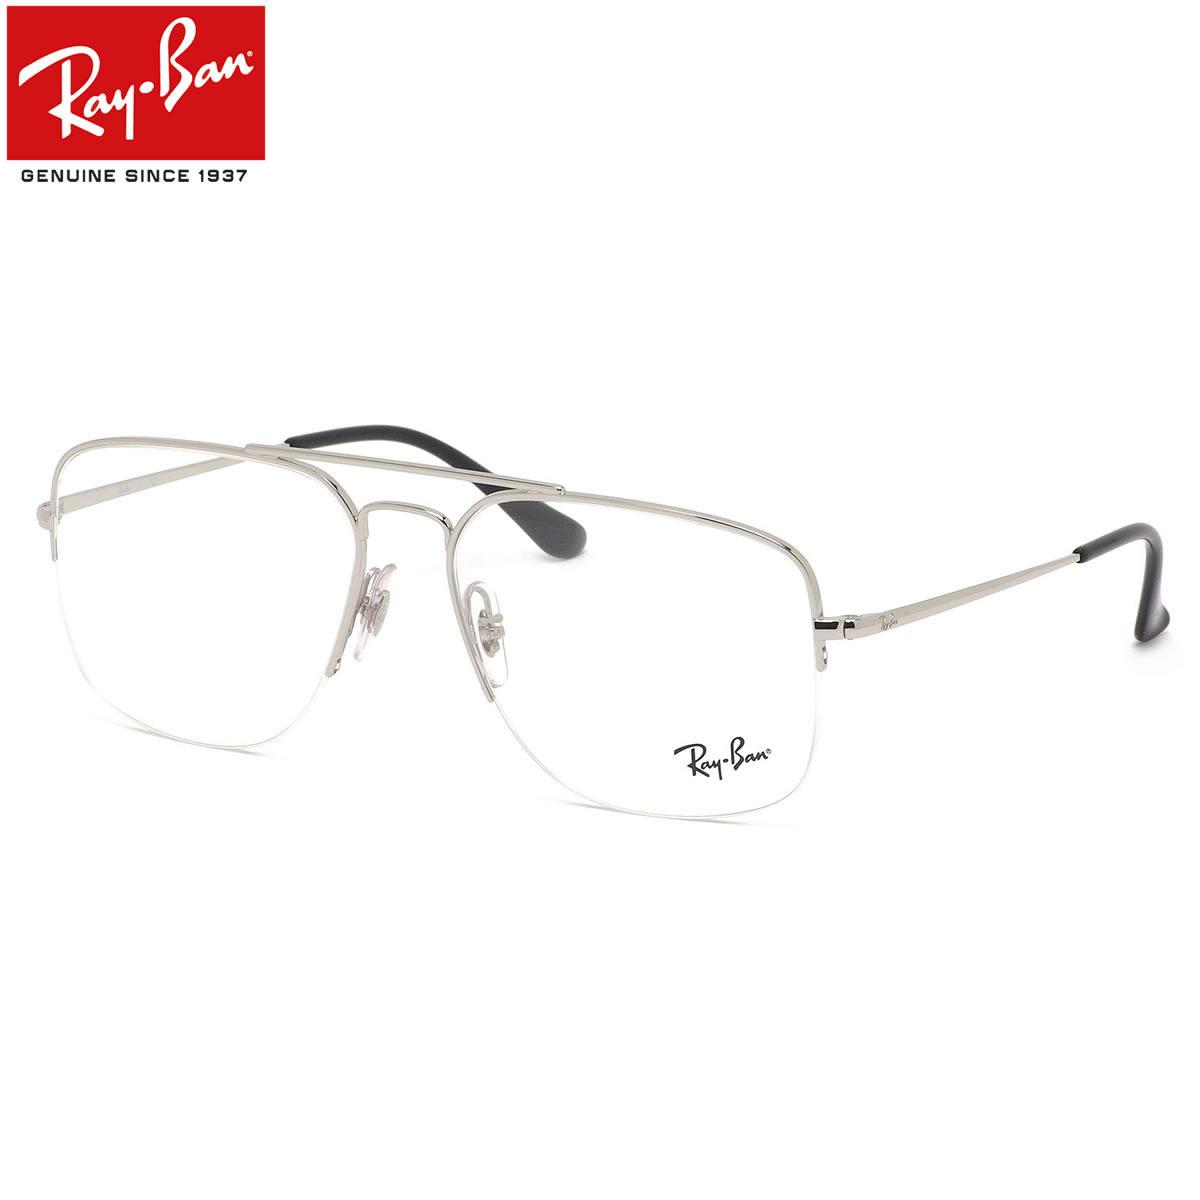 Ray-Ban レイバン メガネ RX6441 2501 59サイズ THE GENERAL ザ・ジェネラル ナイロール ハーフリム スクエア ツーブリッジ ダブルブリッジ メンズ レディース